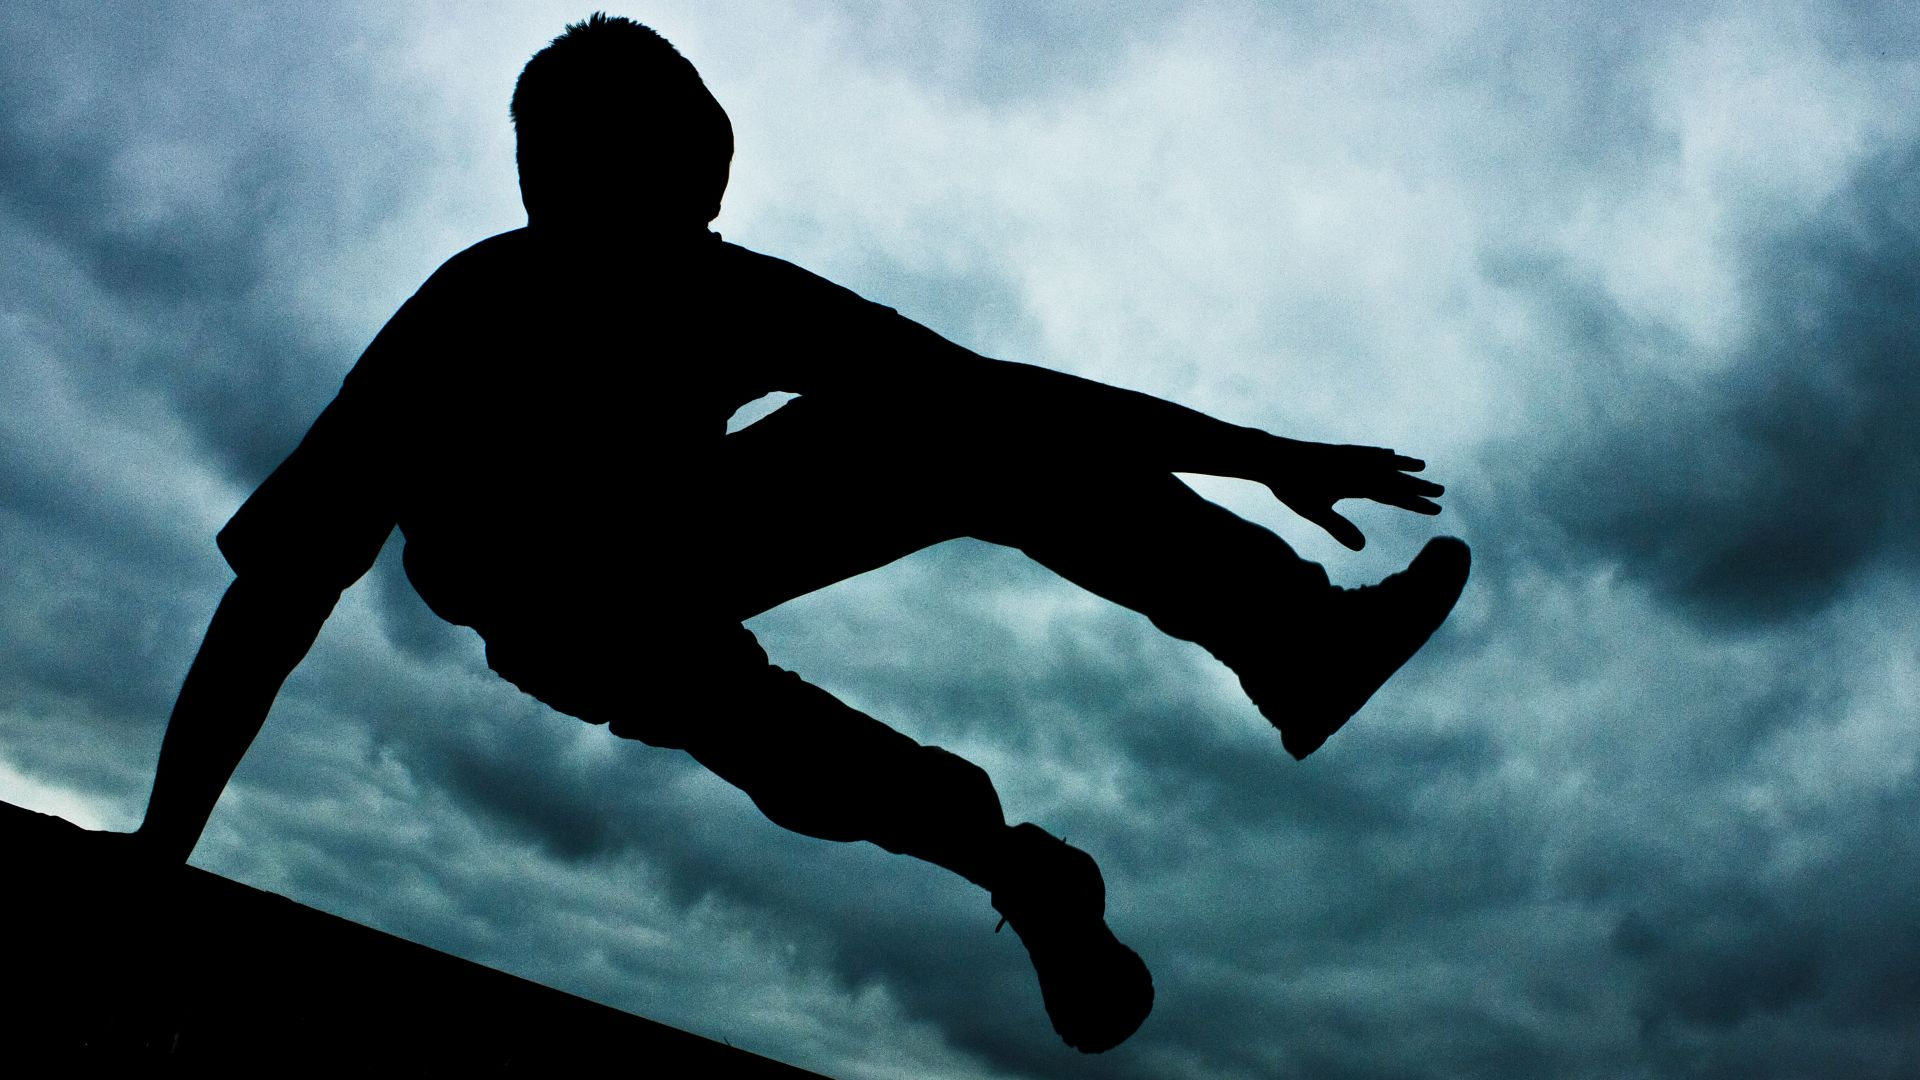 17-годишно момчепадна в процеп между две сгради и се заклещи